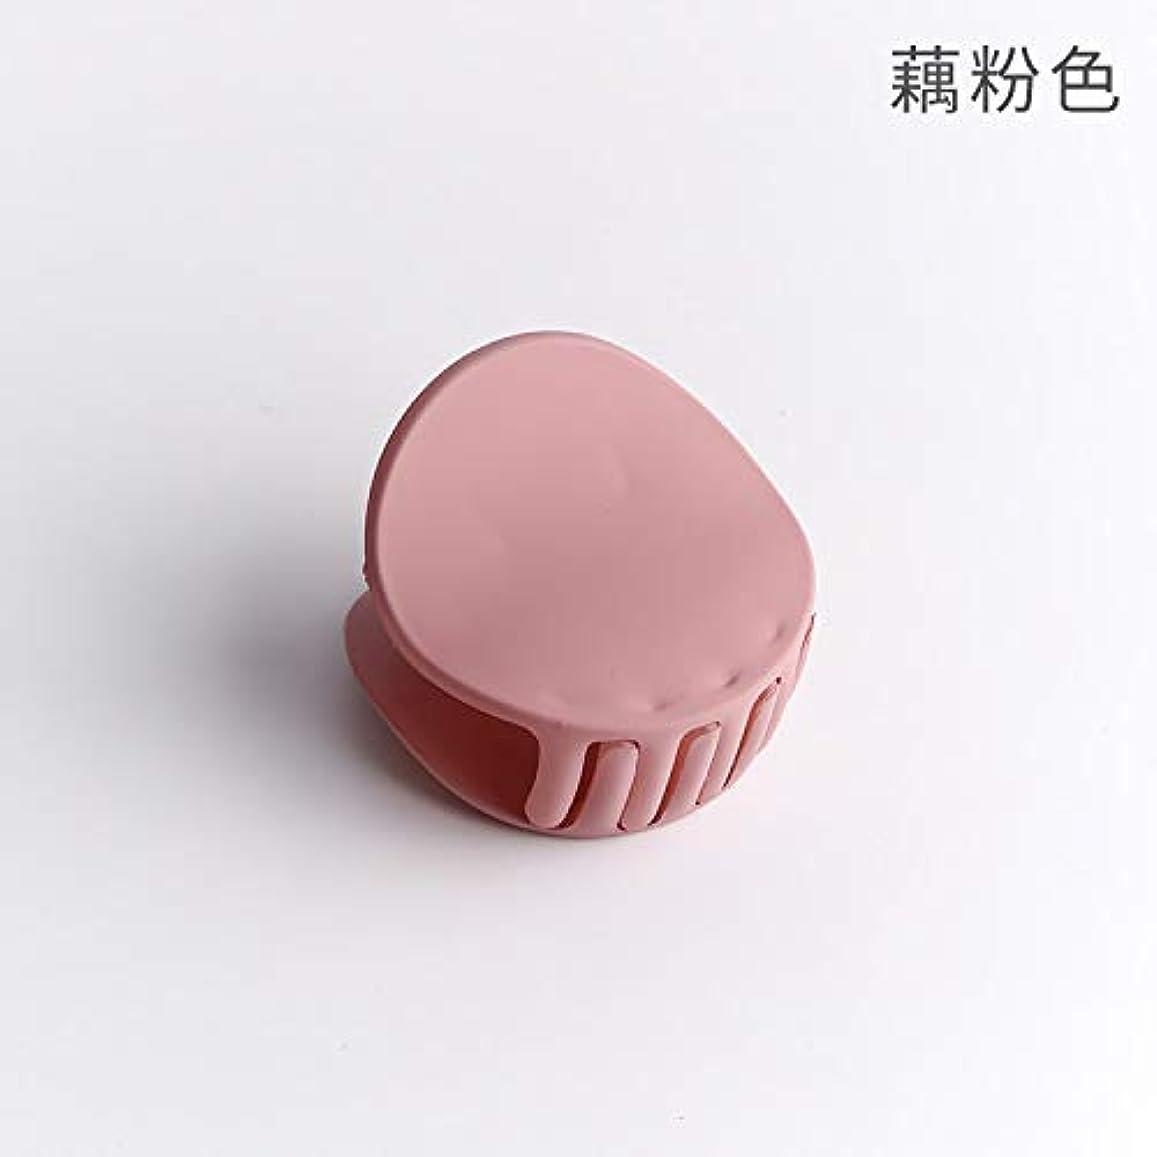 針寄生虫ペレグリネーションHuaQingPiJu-JP 1Pc DIYマジックヘア女性の女の子ヘアピンヘアマットテクスチャクリップパーティーヘアスタイルツールアクセサリー(ピンク)